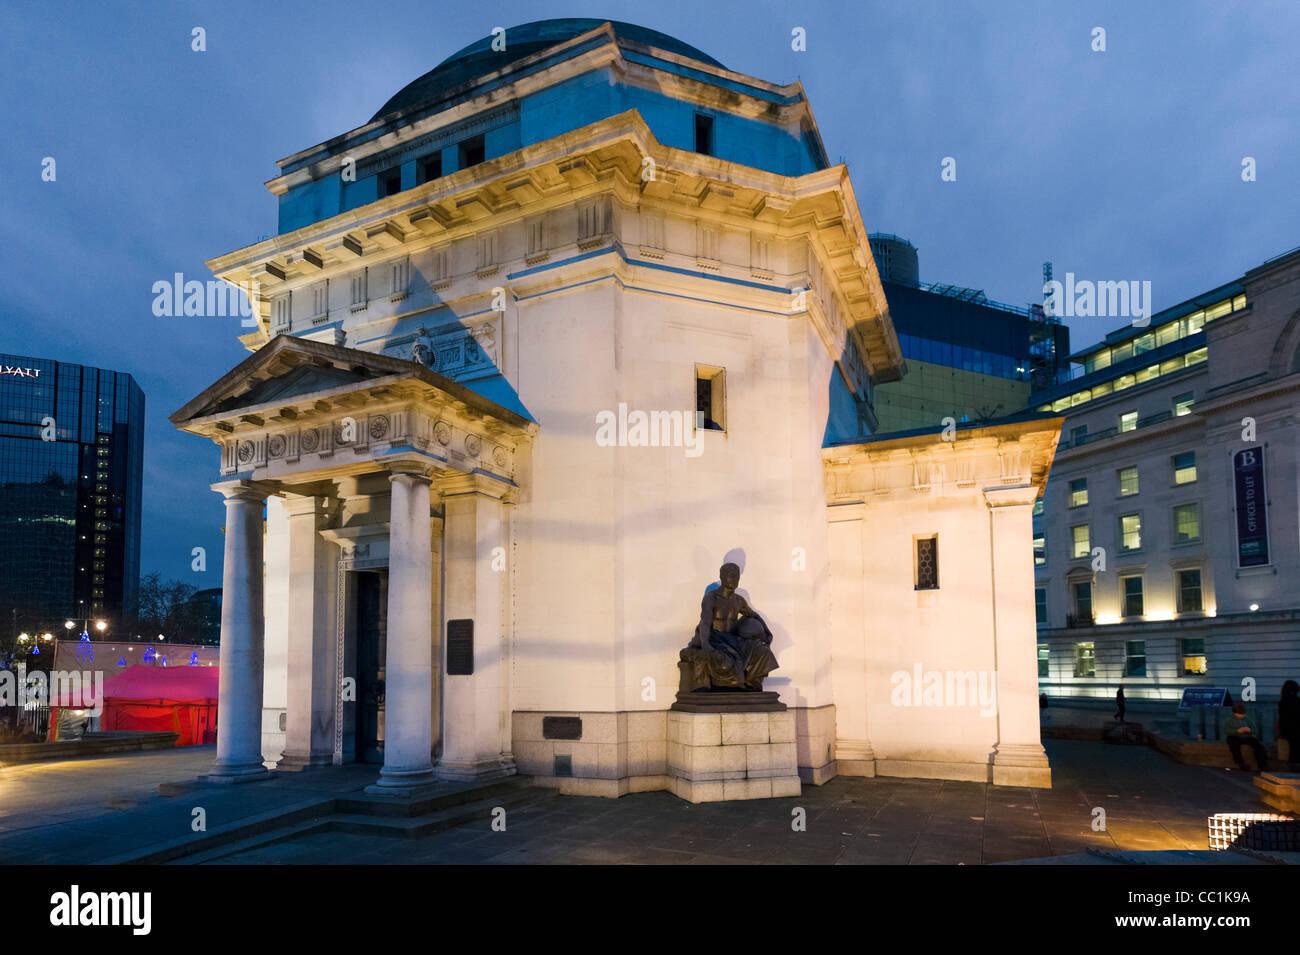 Le hall de la mémoire de nuit, Centenary Square, Birmingham, UK Photo Stock